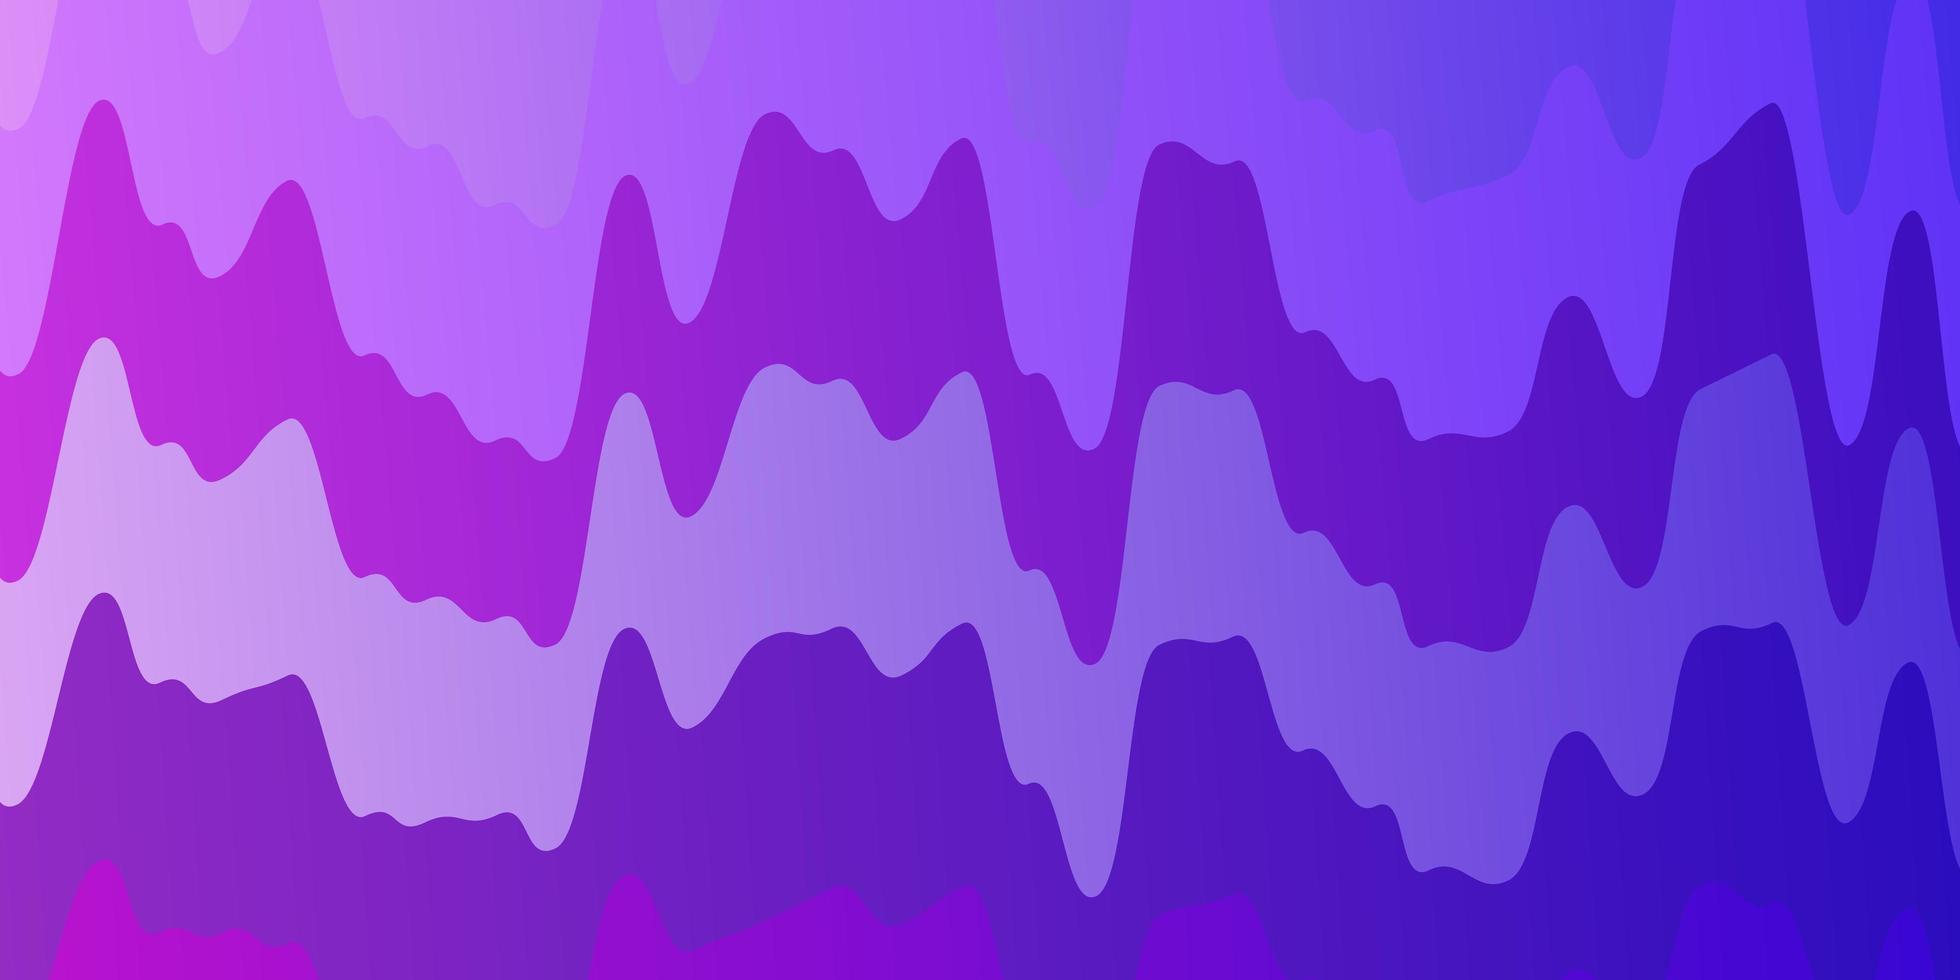 modelo de vetor rosa claro, azul com linhas irônicas.